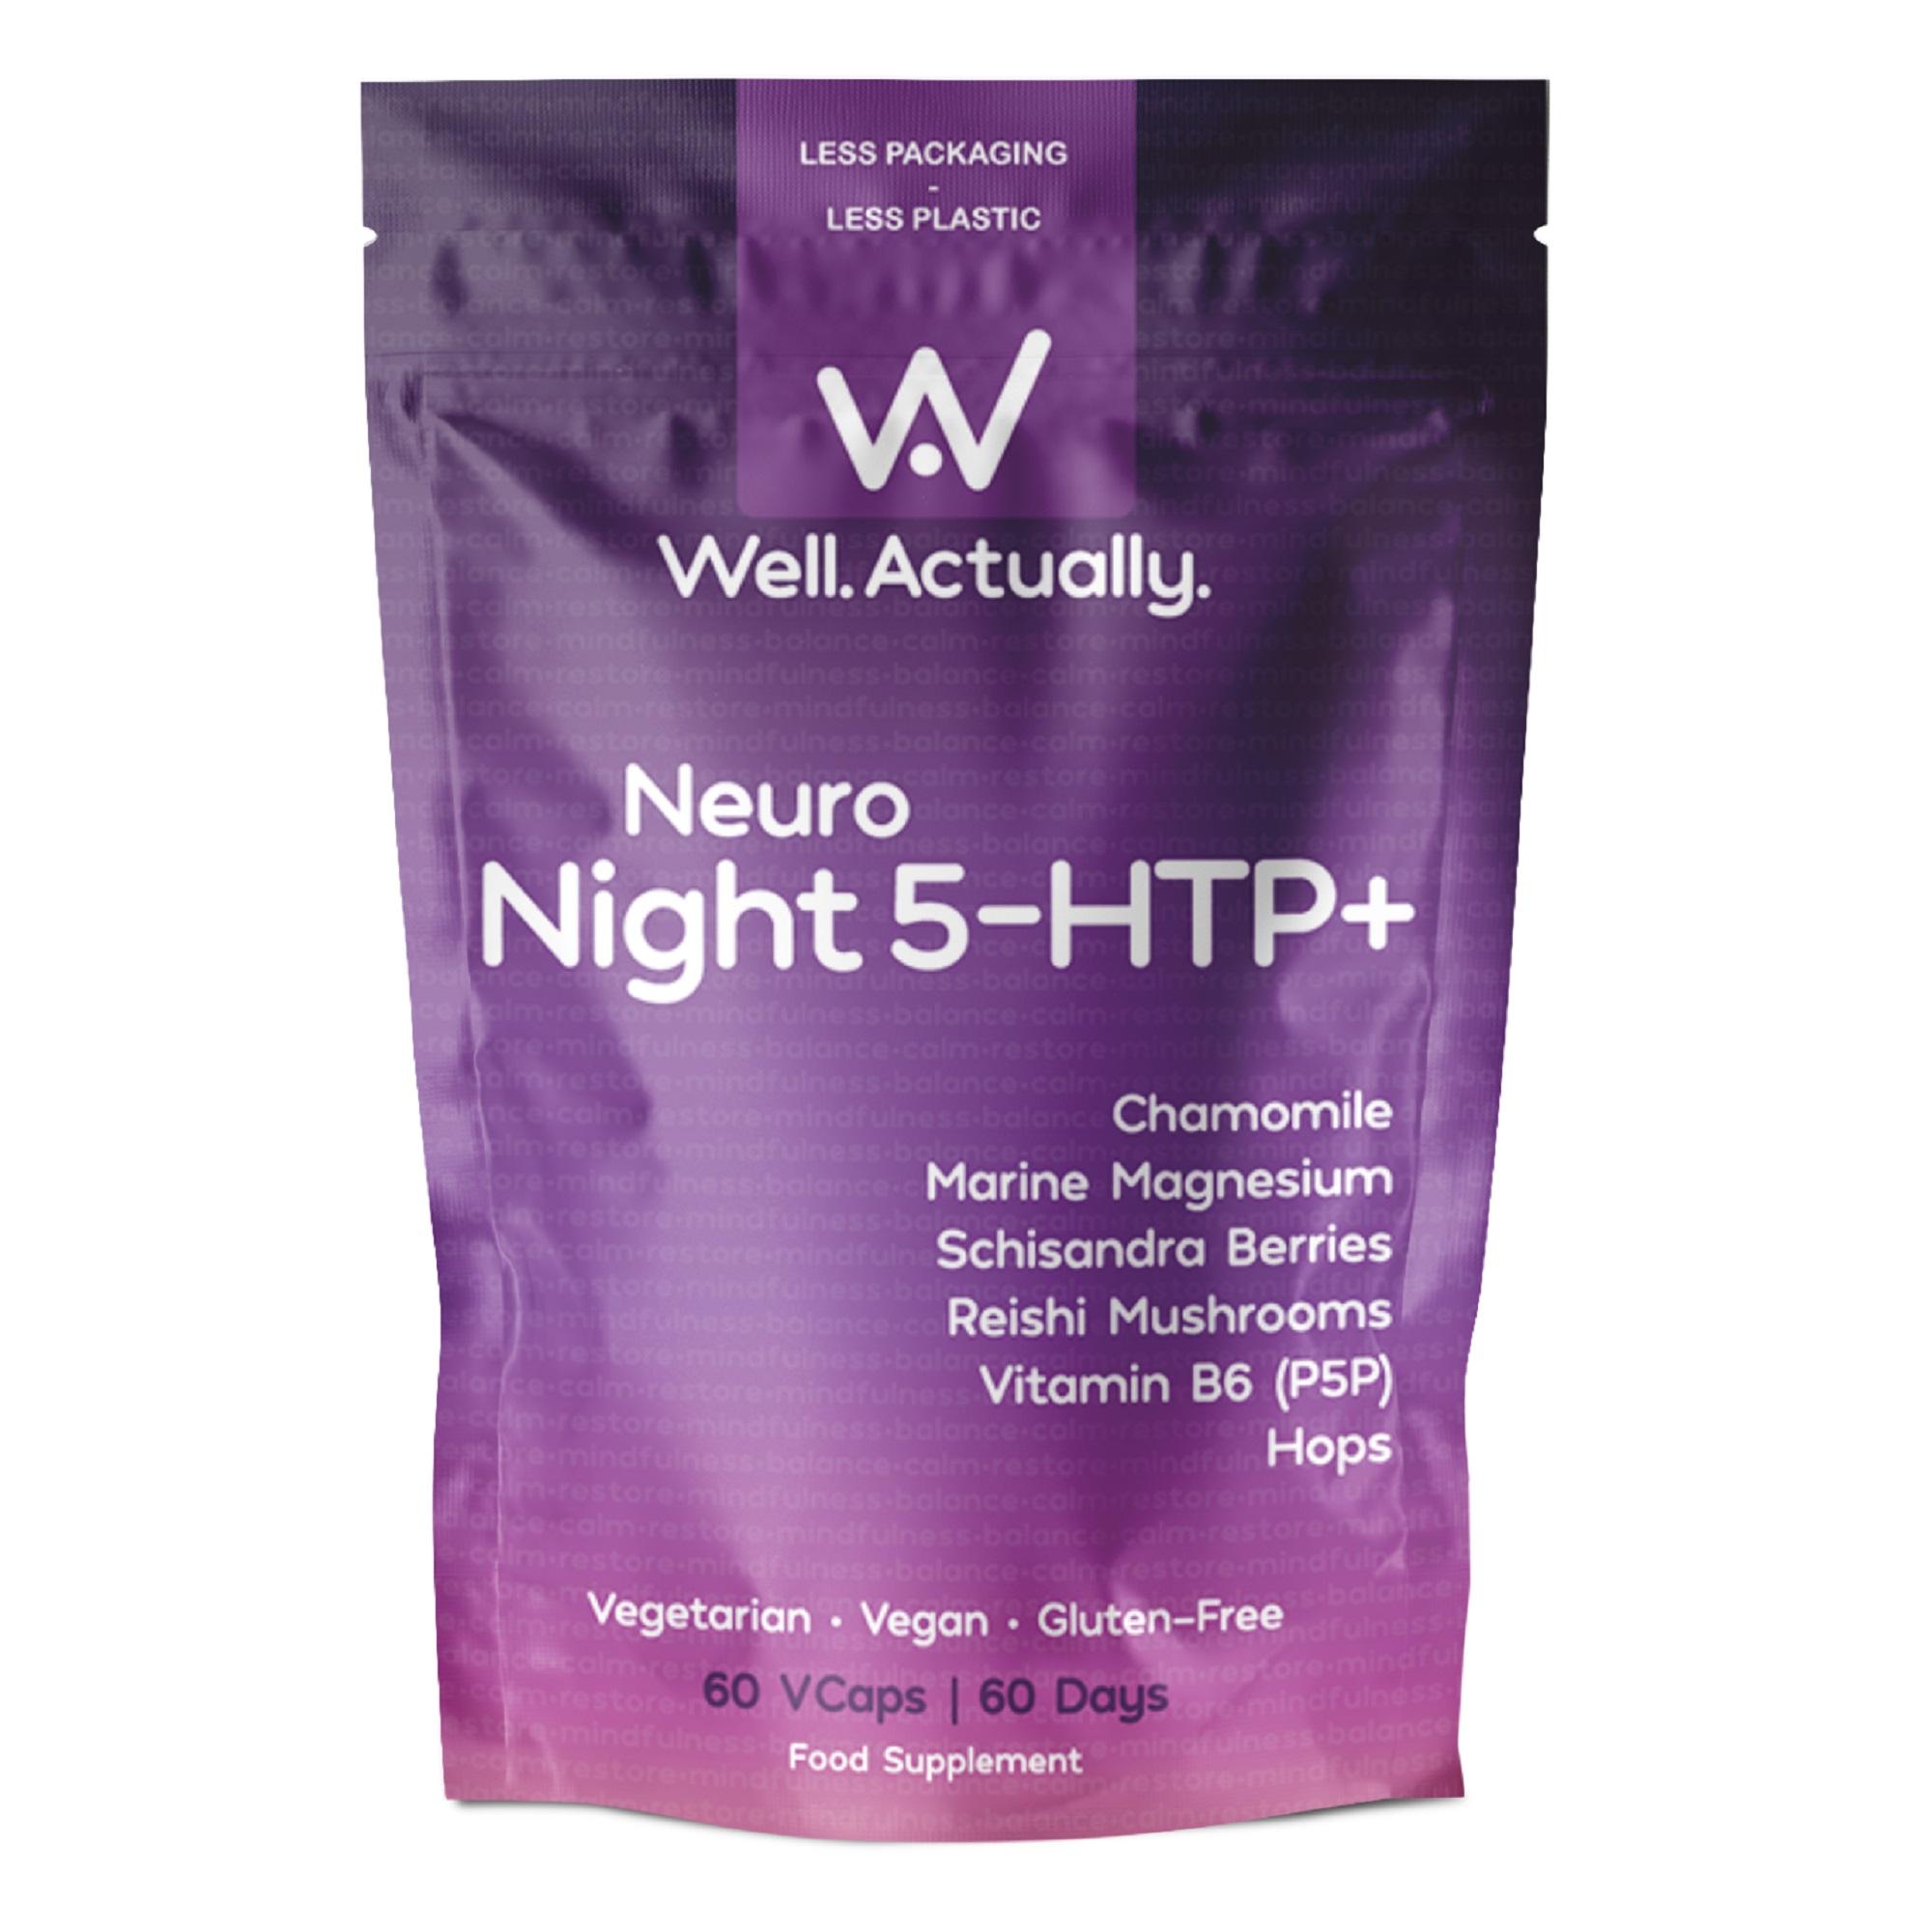 Neuro Night 5-HTP+ 60's